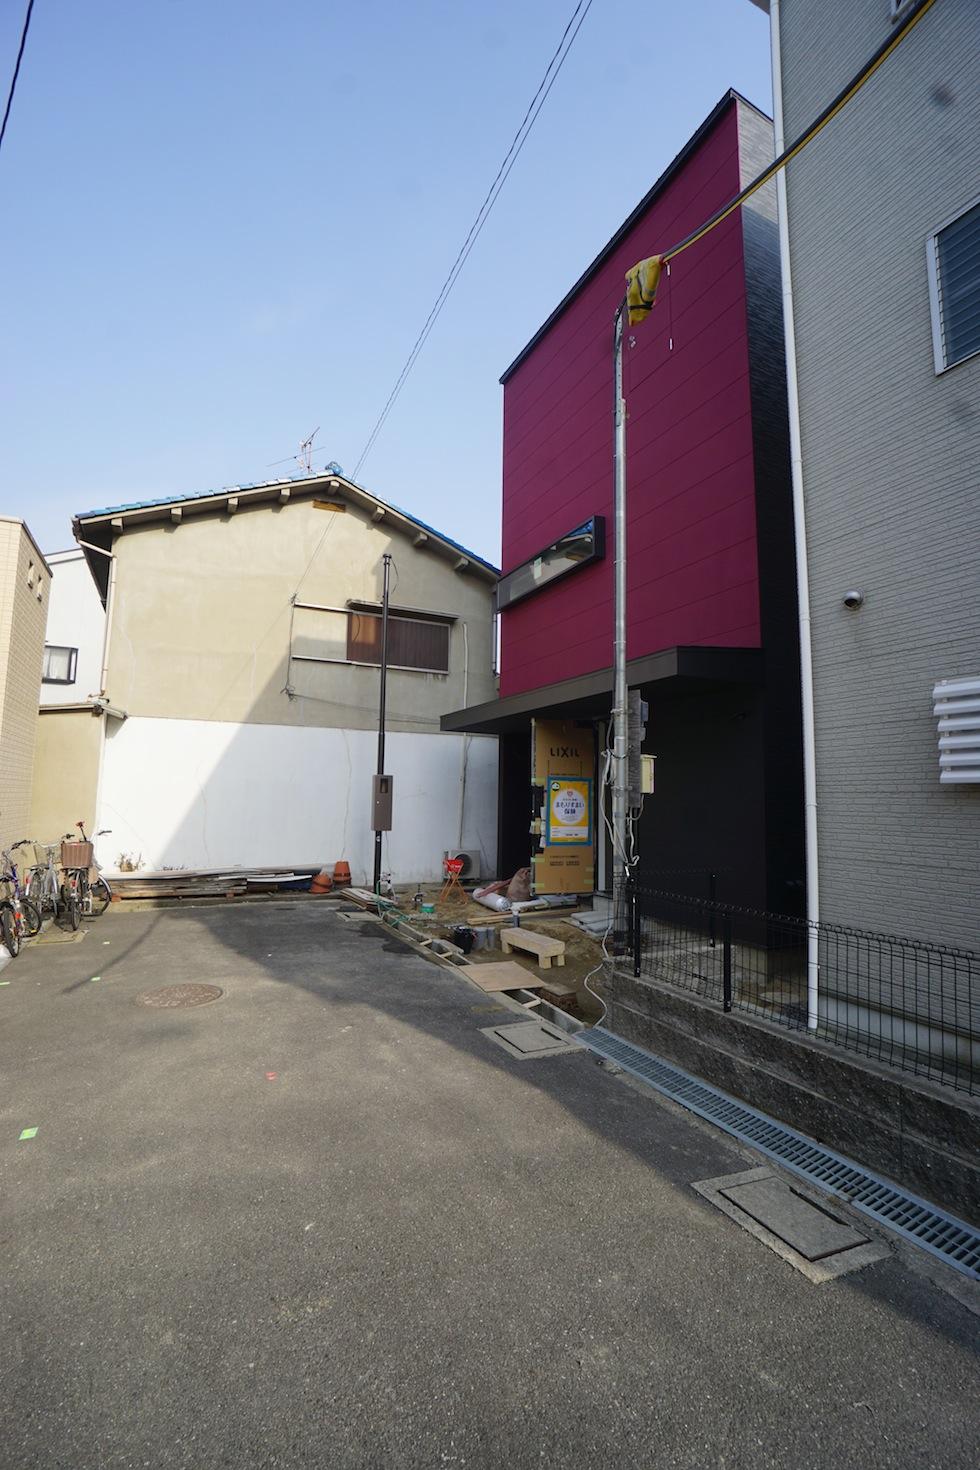 高級注文住宅,設計事務所,建築家,デザイン,大阪,京都,神戸,3階建て住宅,リビング,吹き抜け,赤い外壁